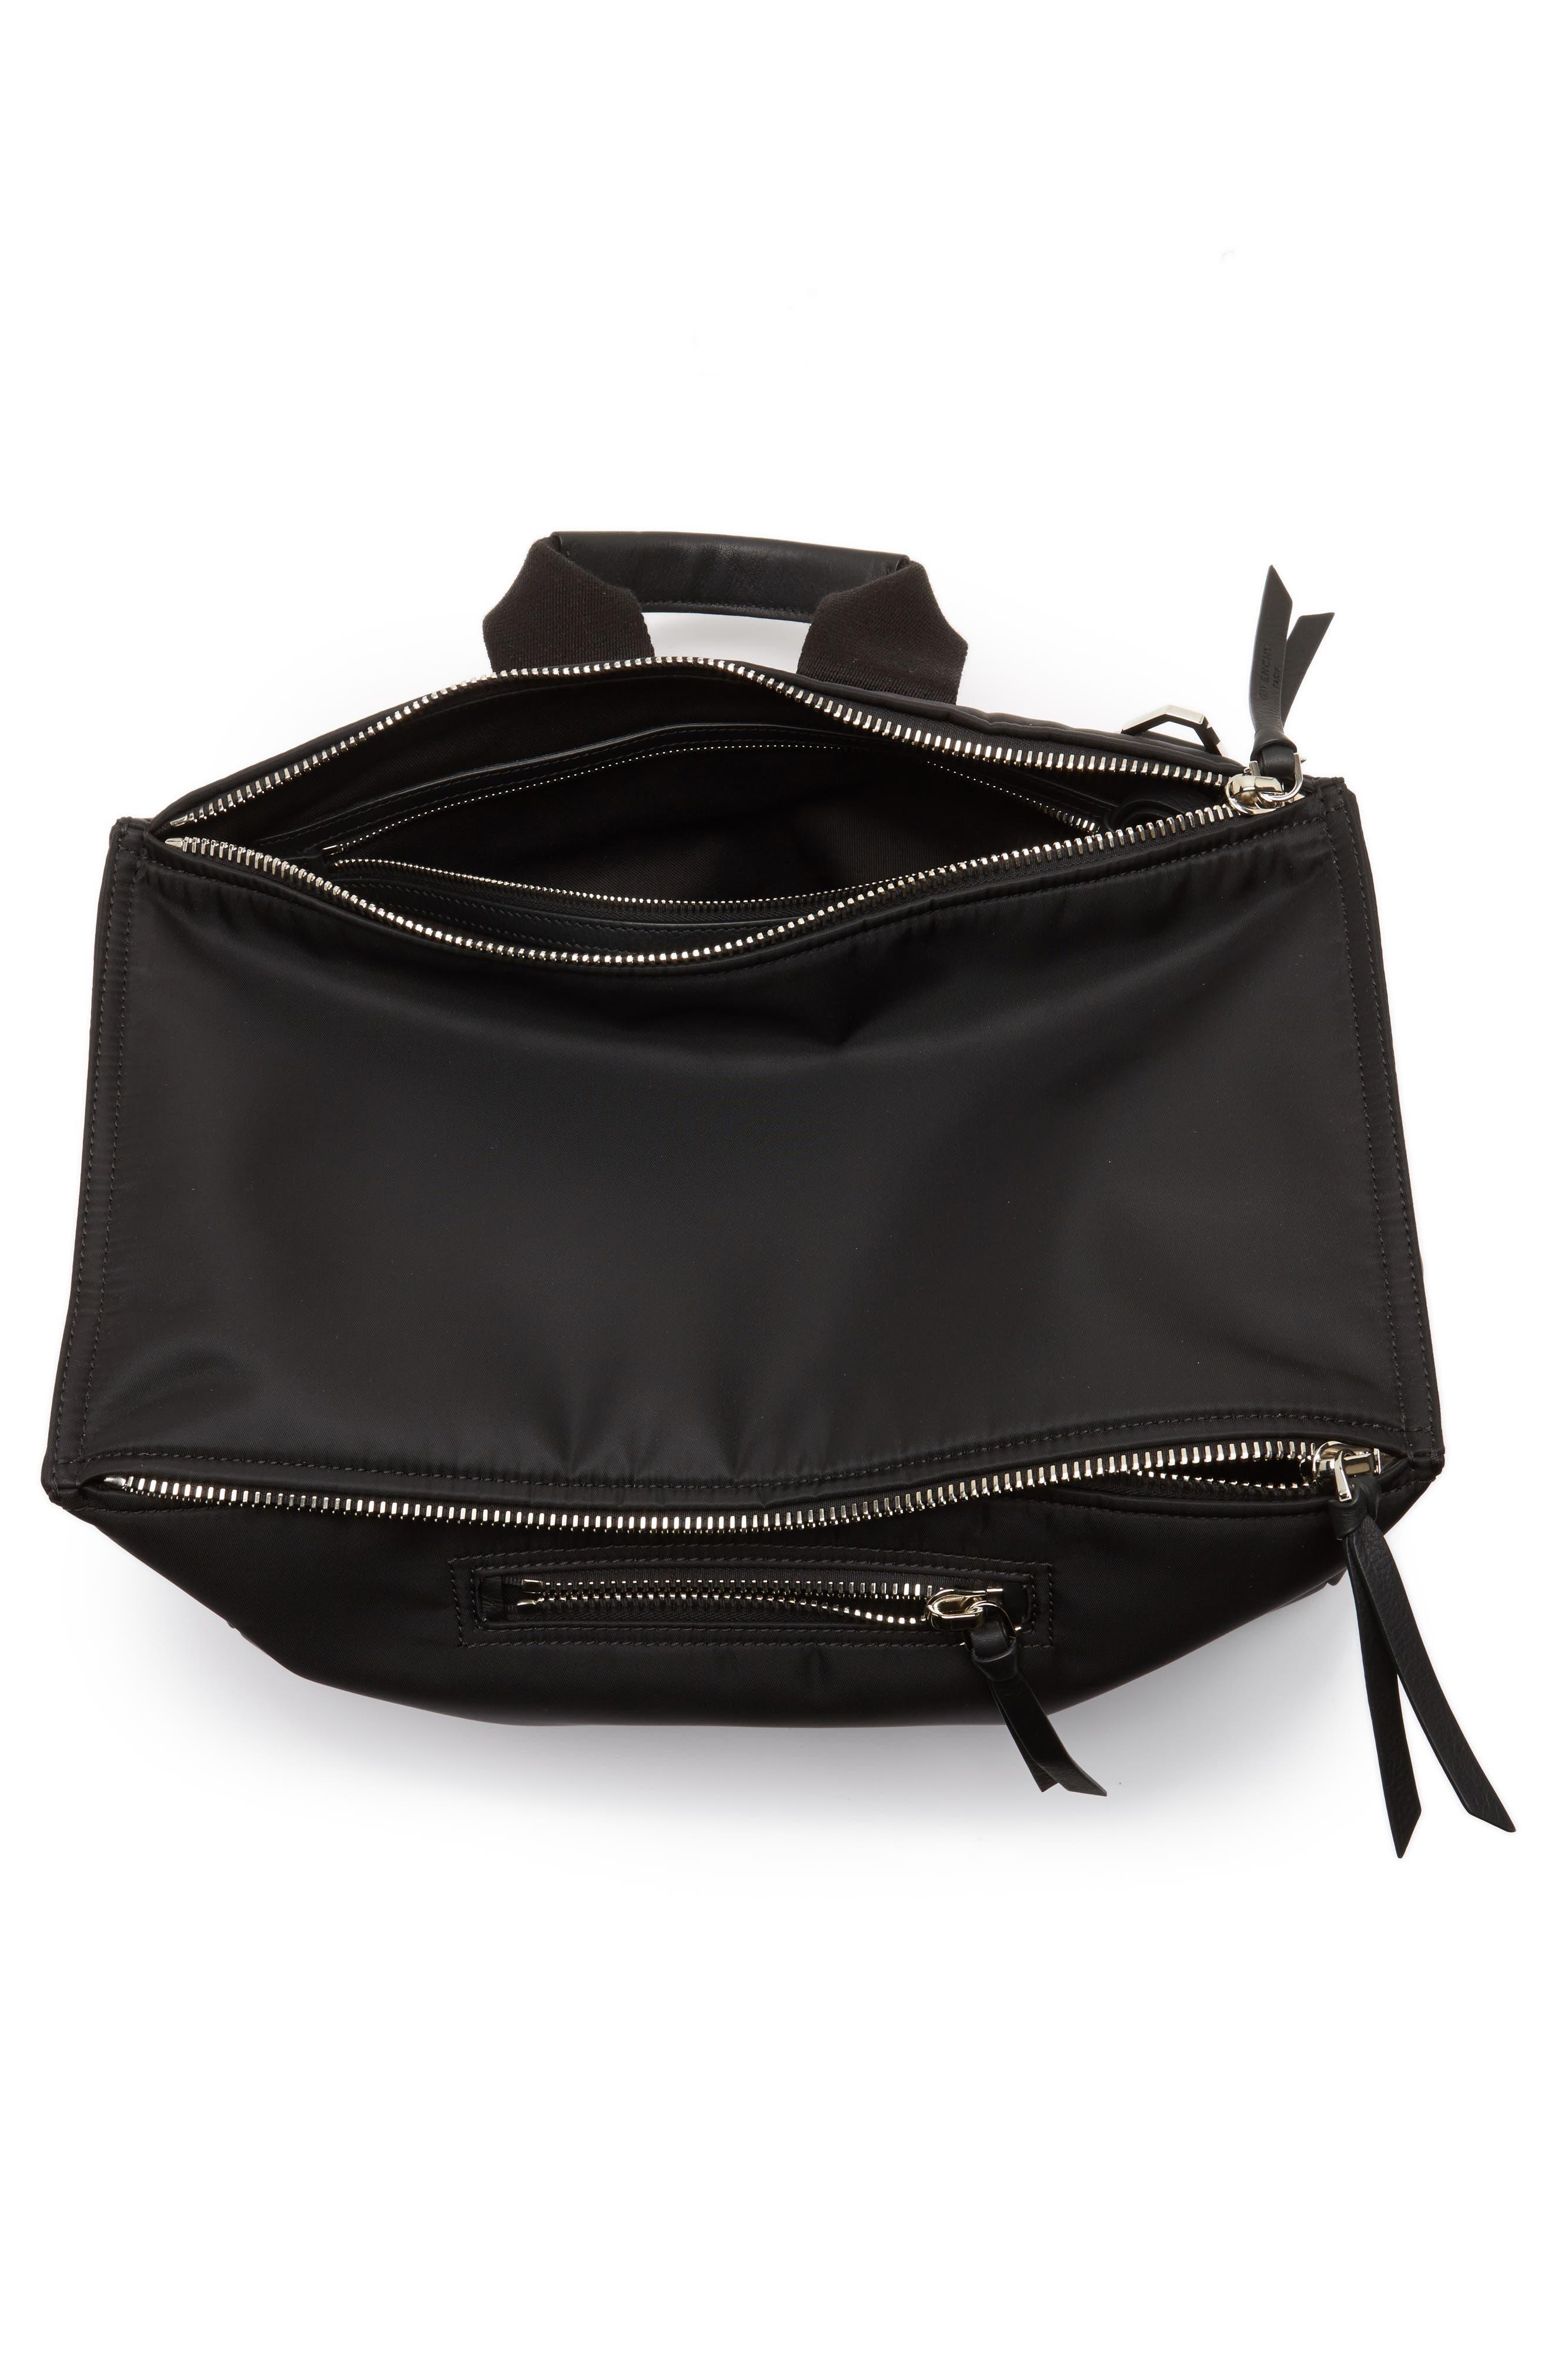 Paris Pandora Shoulder Bag,                             Alternate thumbnail 4, color,                             004